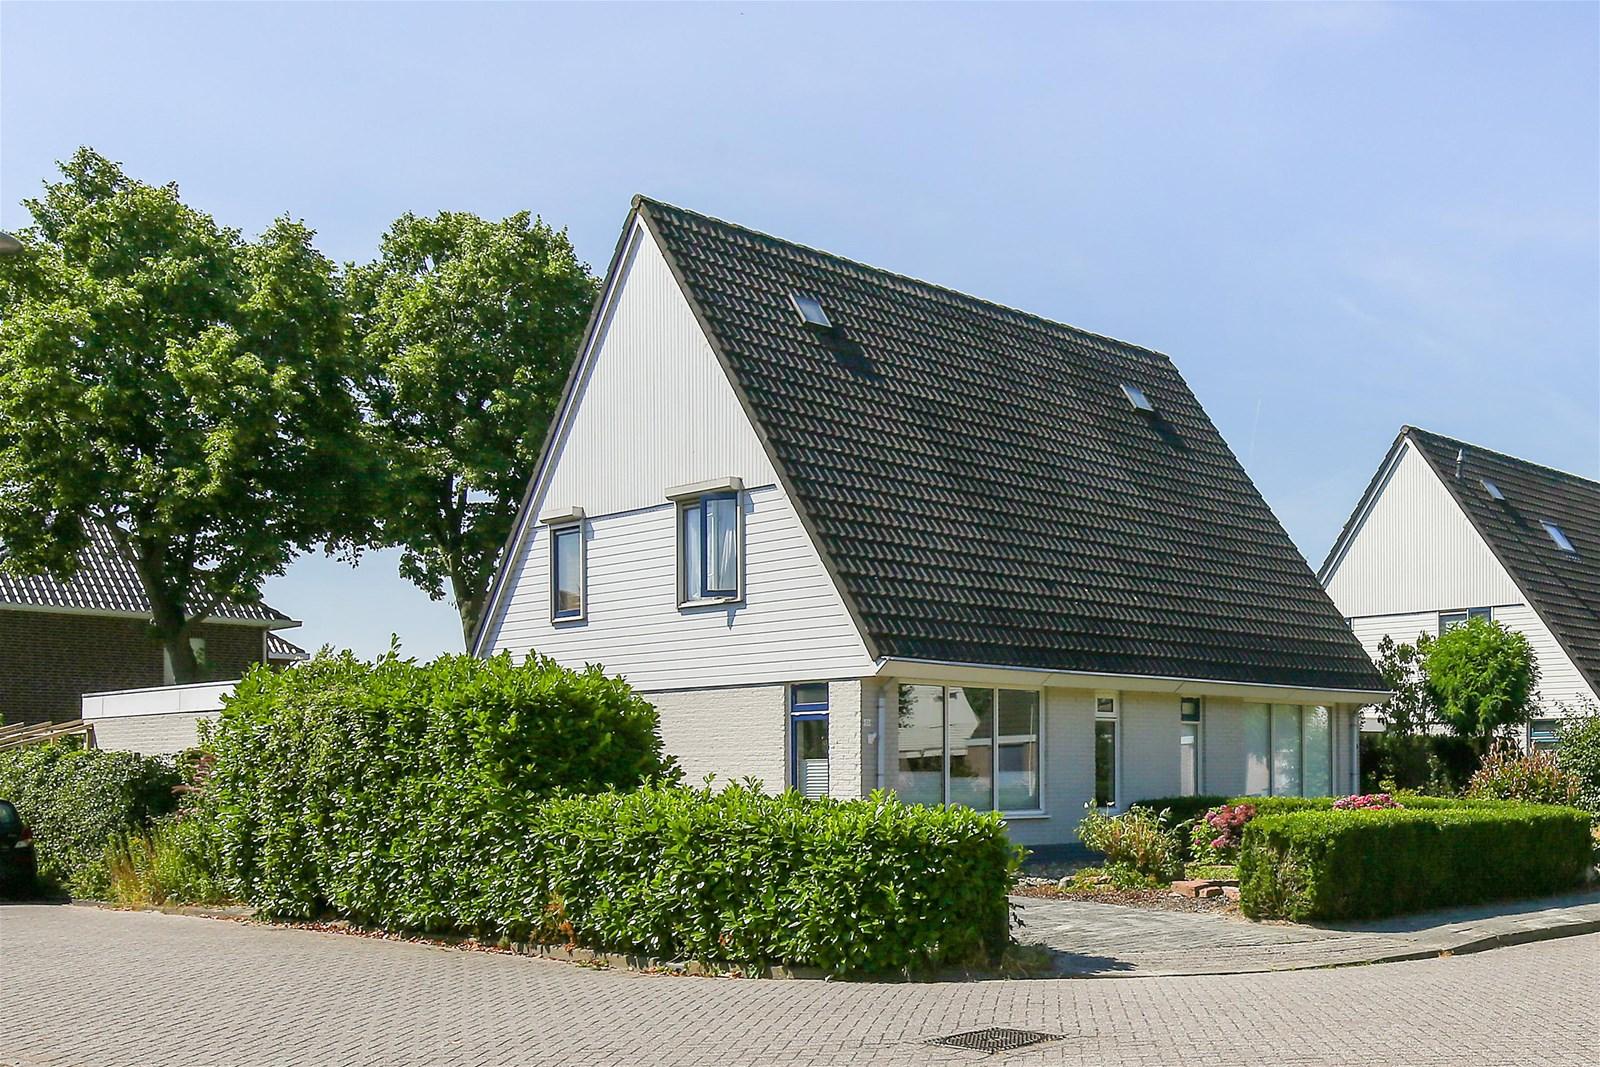 Eiberhorst 11 9679 JJ SCHEEMDA - Makelaarskantoor o.g. Ing. H.H. Smit